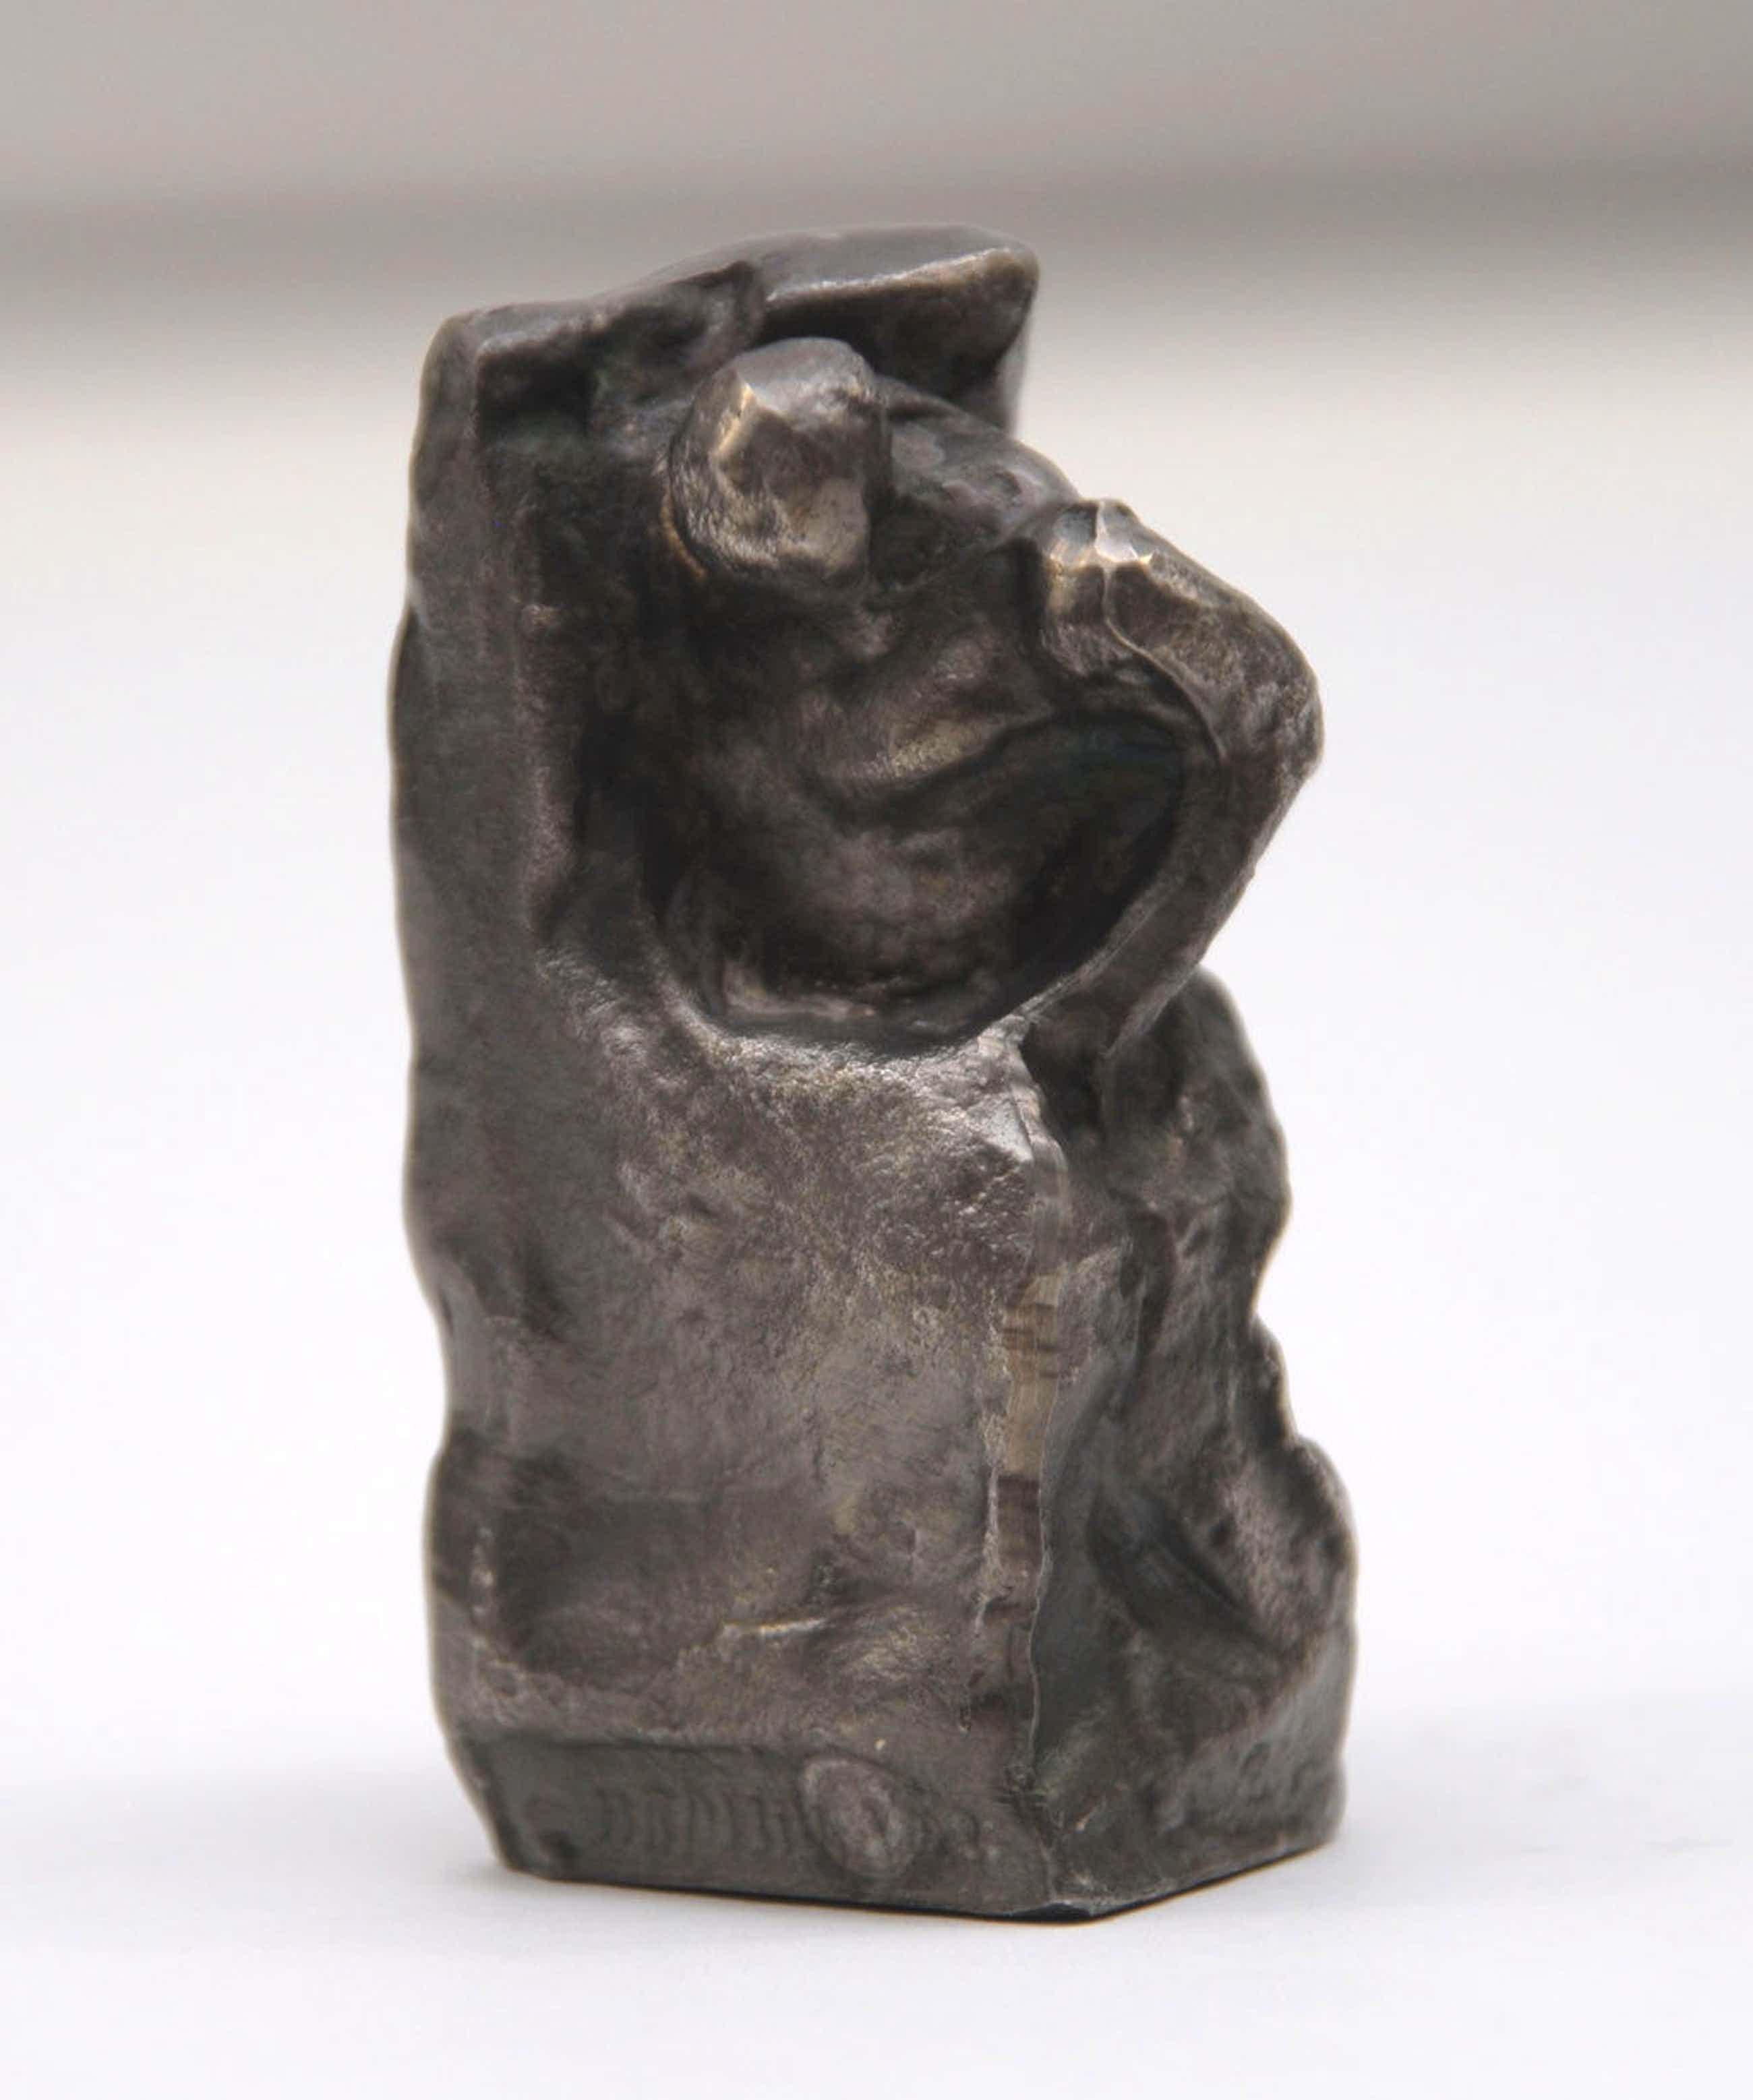 Alfred Hrdlicka - Studie zu Anthropos - Skulptur, Edelzinn versilbert kopen? Bied vanaf 200!